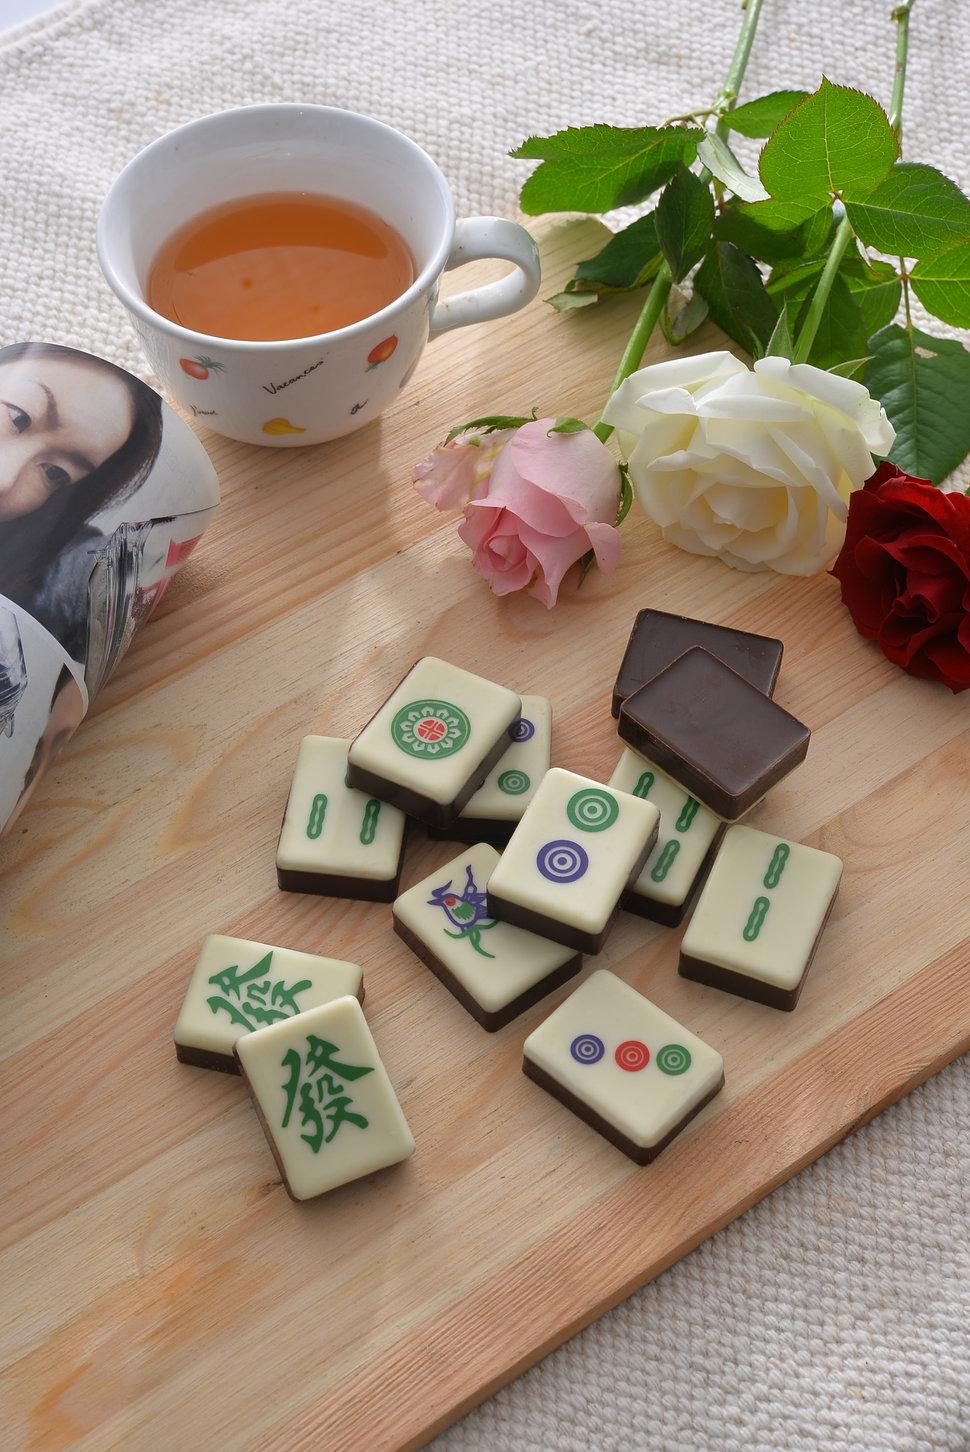 麻將造型巧克力 - Kreative Chocolate《結婚吧》